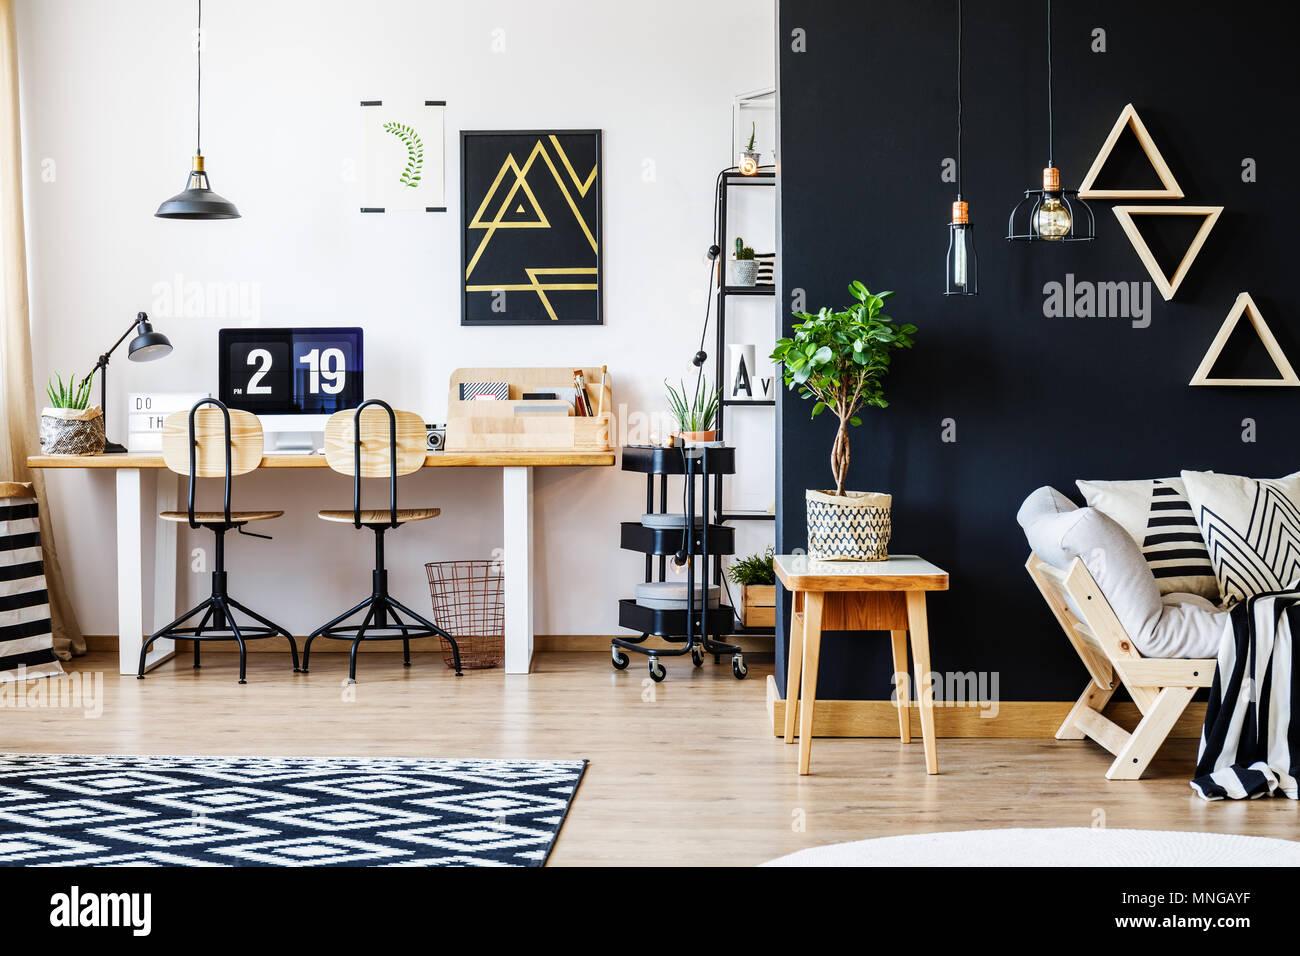 Elegante en blanco y negro estilo nórdico espacio abierto apartamento con muebles de madera, área de oficina con escritorio y el ordenador, y el espacioso salón wit Imagen De Stock